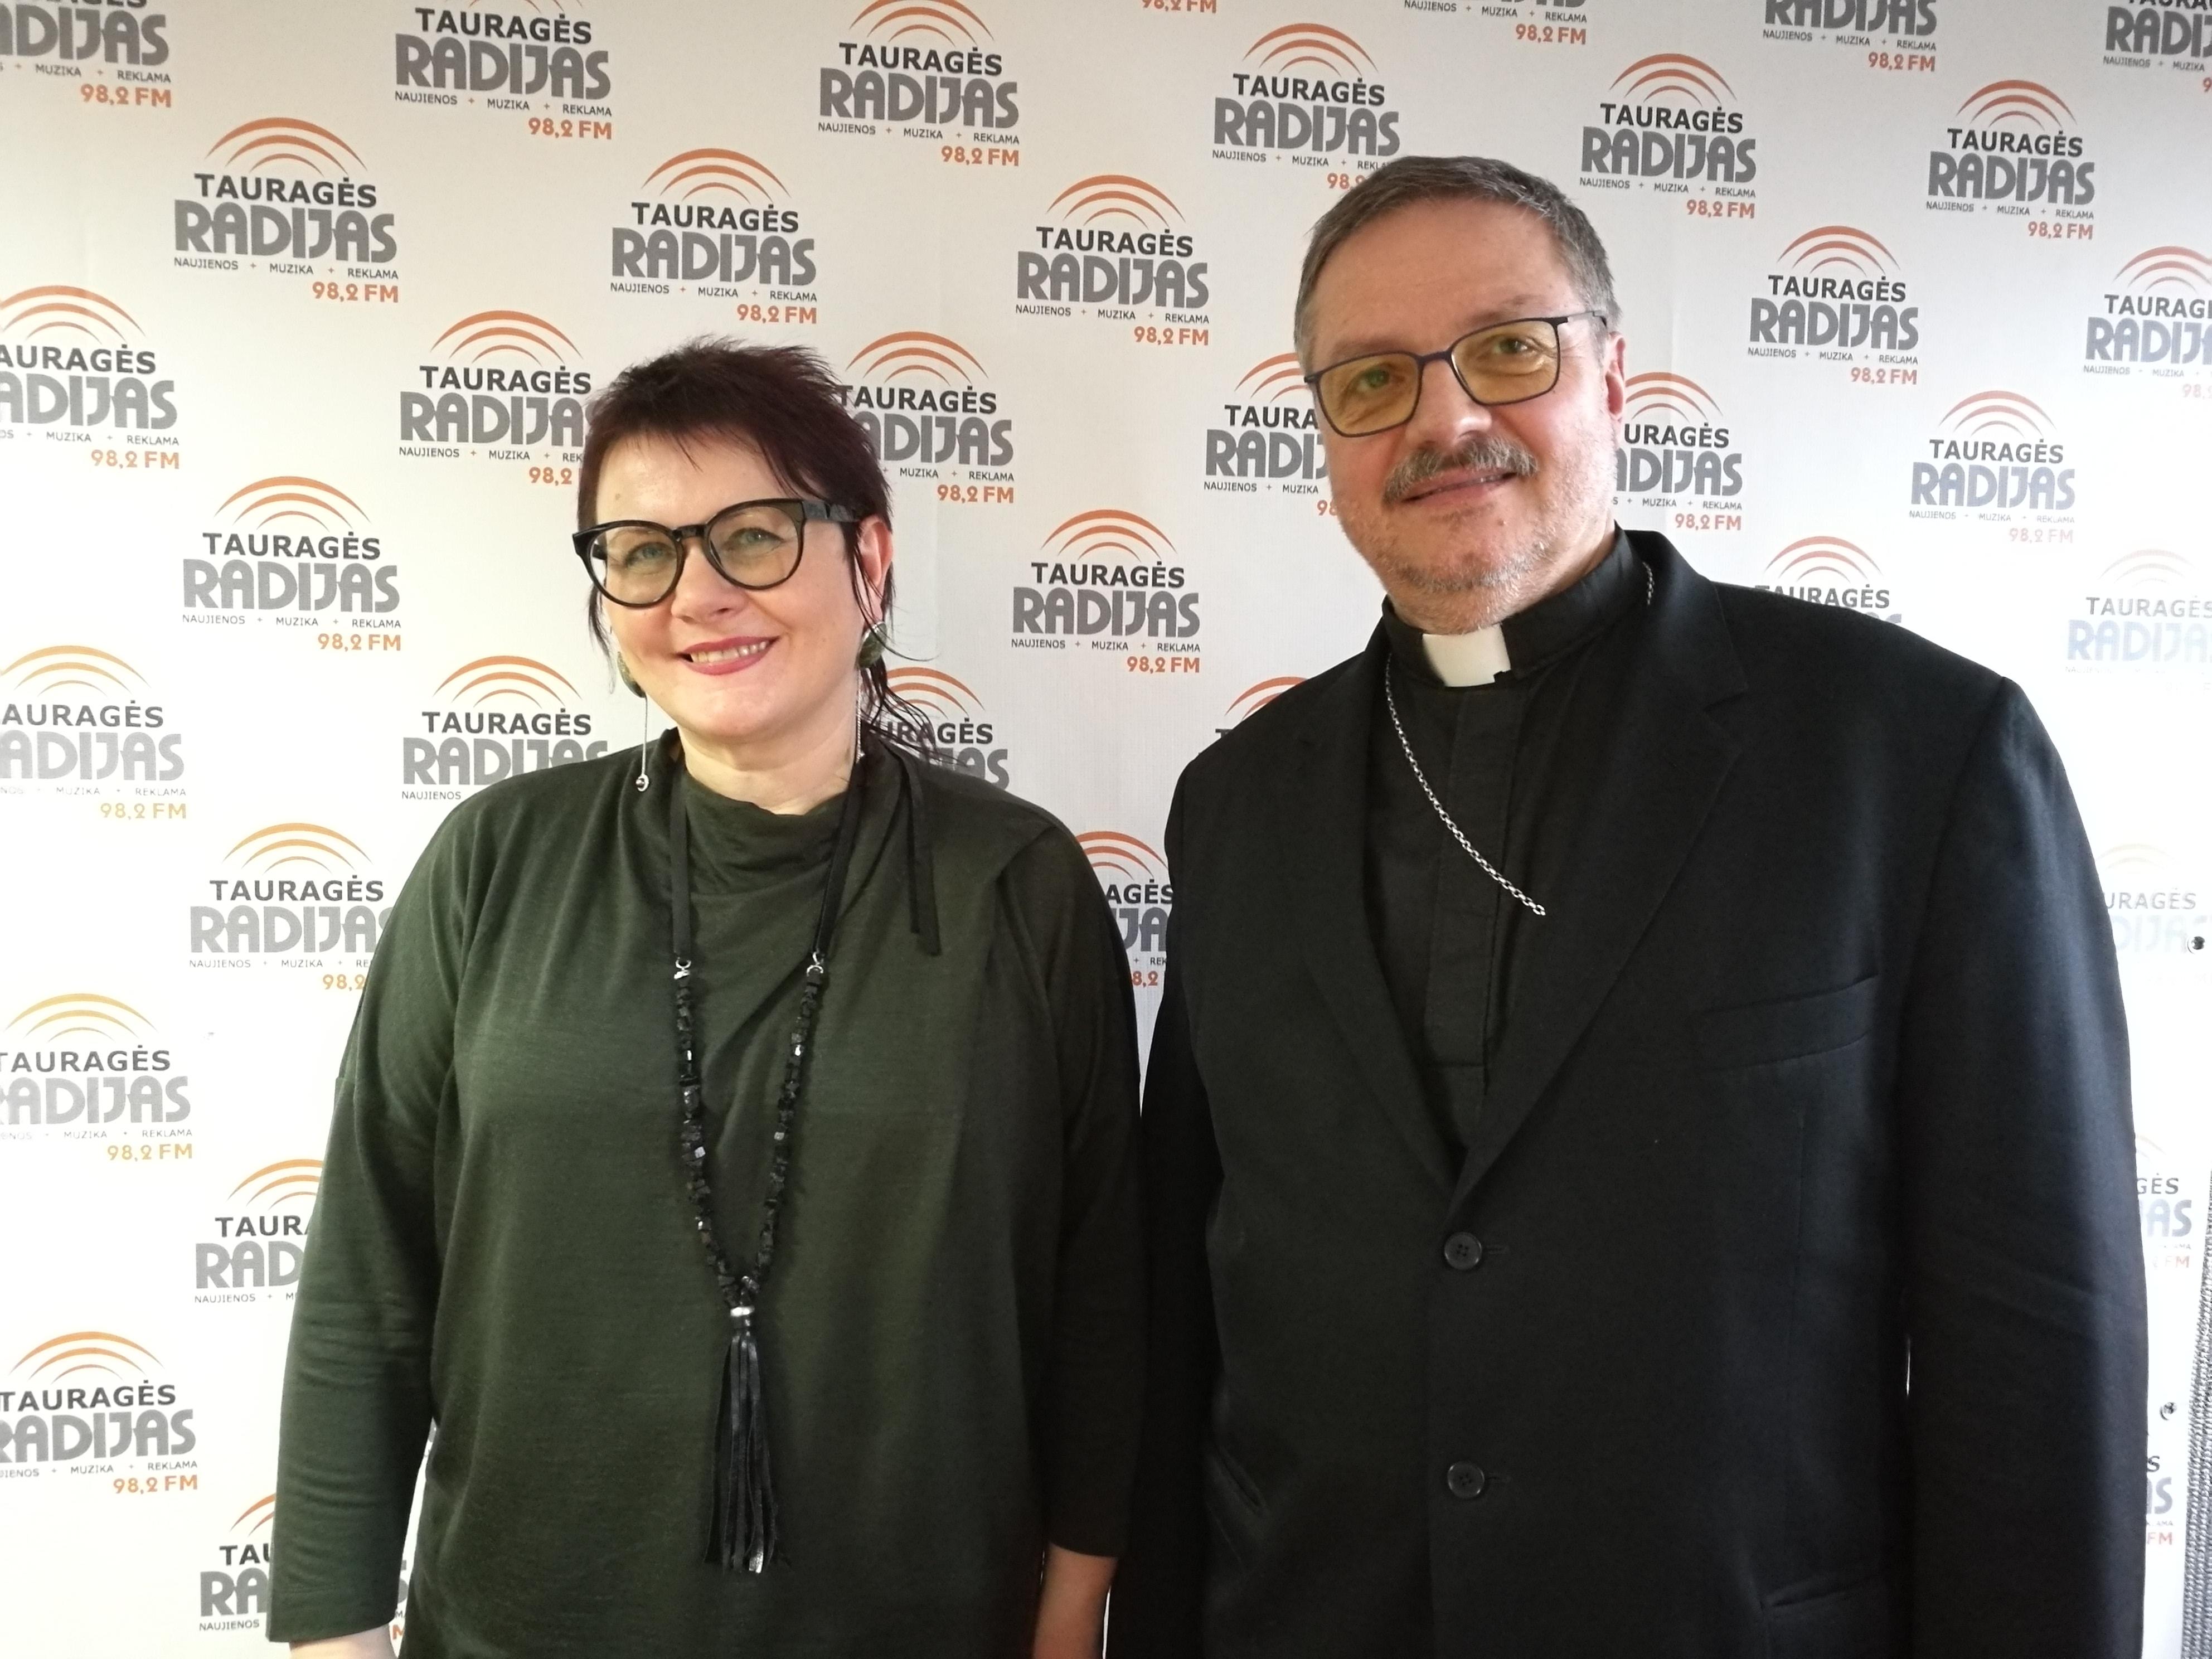 Pokalbis su Ziono lietuvių liuteronų parapijos kunigu dr. Valdu Aušra